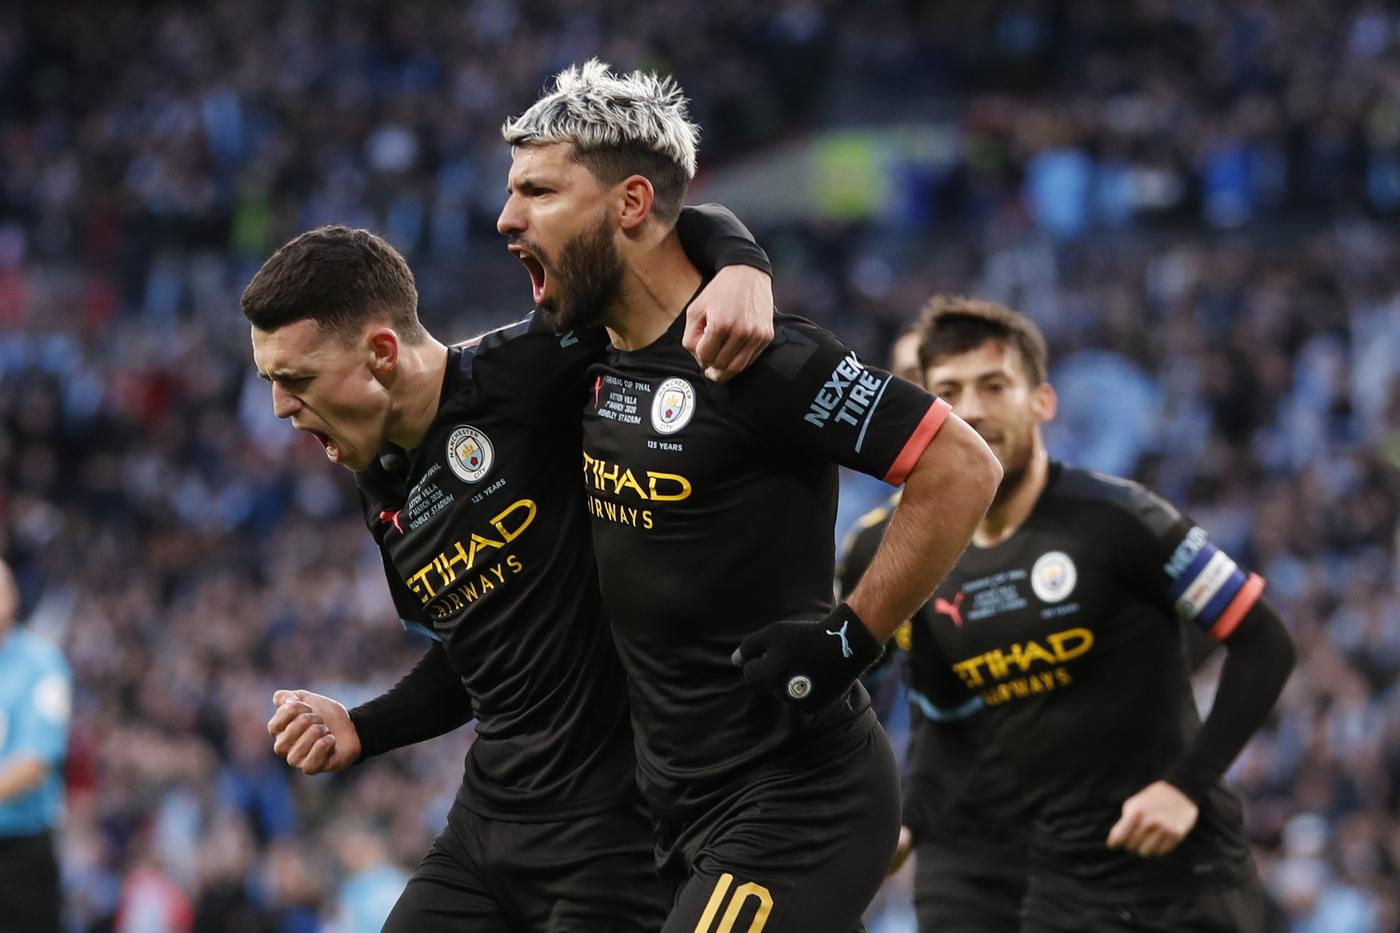 Manchester-United-Manchester-City-pronostico-8-marzo-2020-analisi-e-pronostico